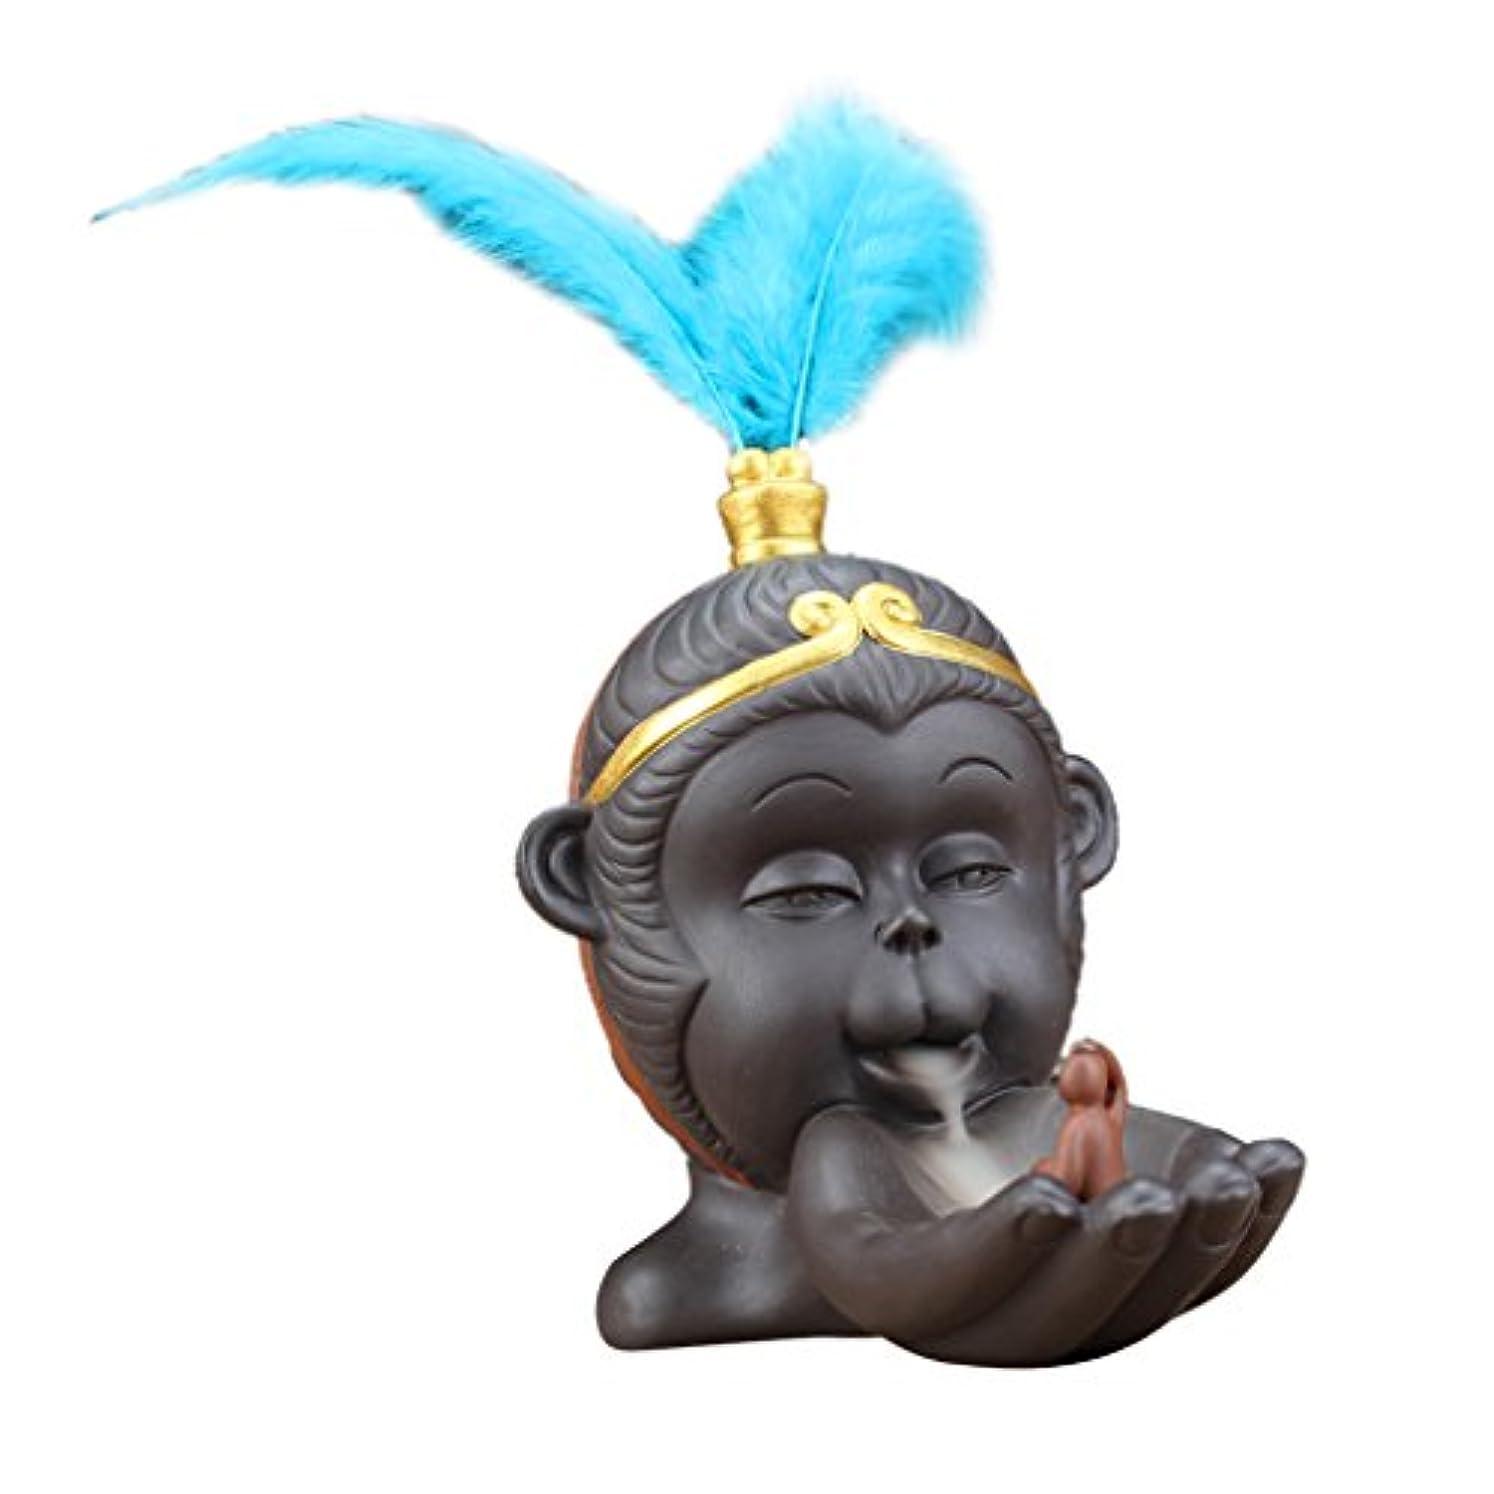 見つける大理石努力Homyl ヴィンテージ 仏教 香炉 バーナーホルダー 逆流コーン 香バーナー 全2色 - 青